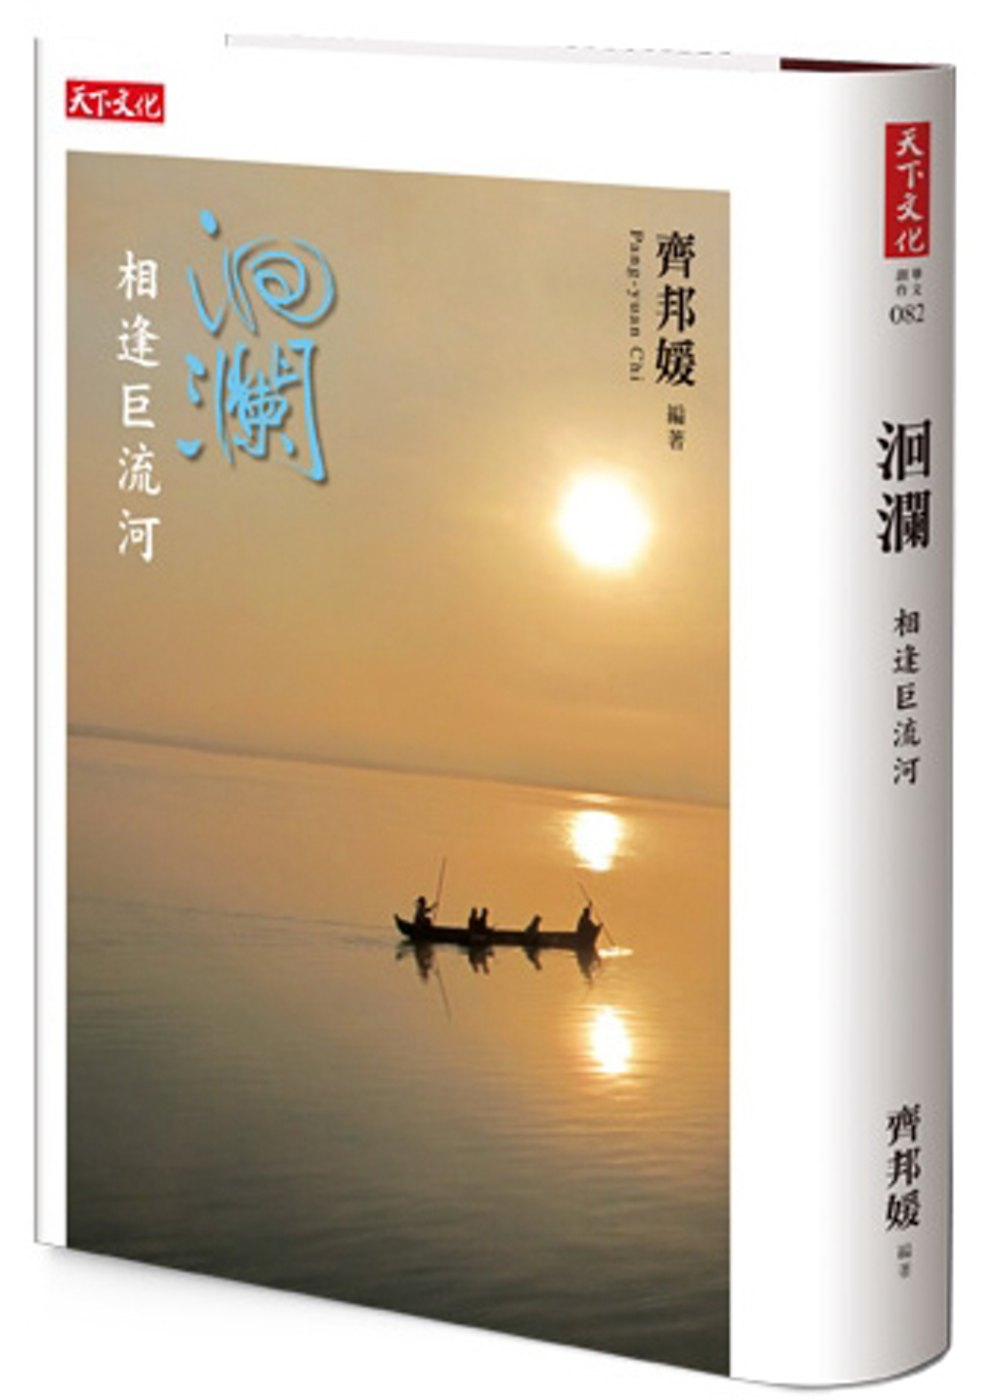 洄瀾:相逢巨流河